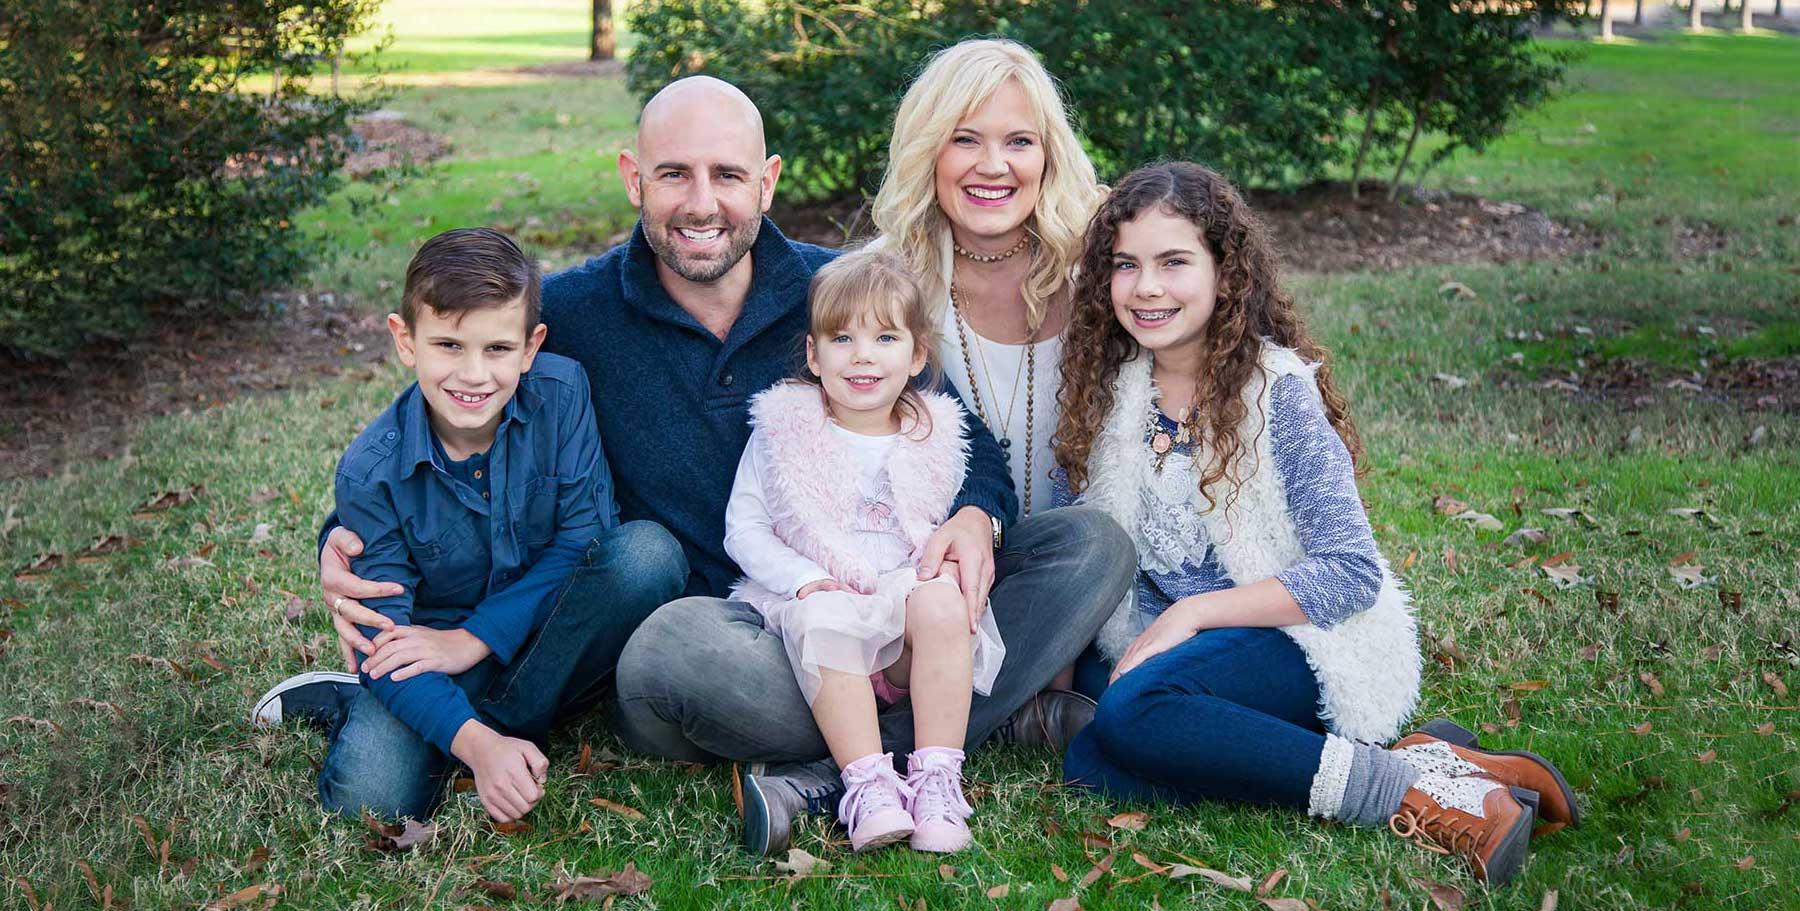 The Mazzapica Family